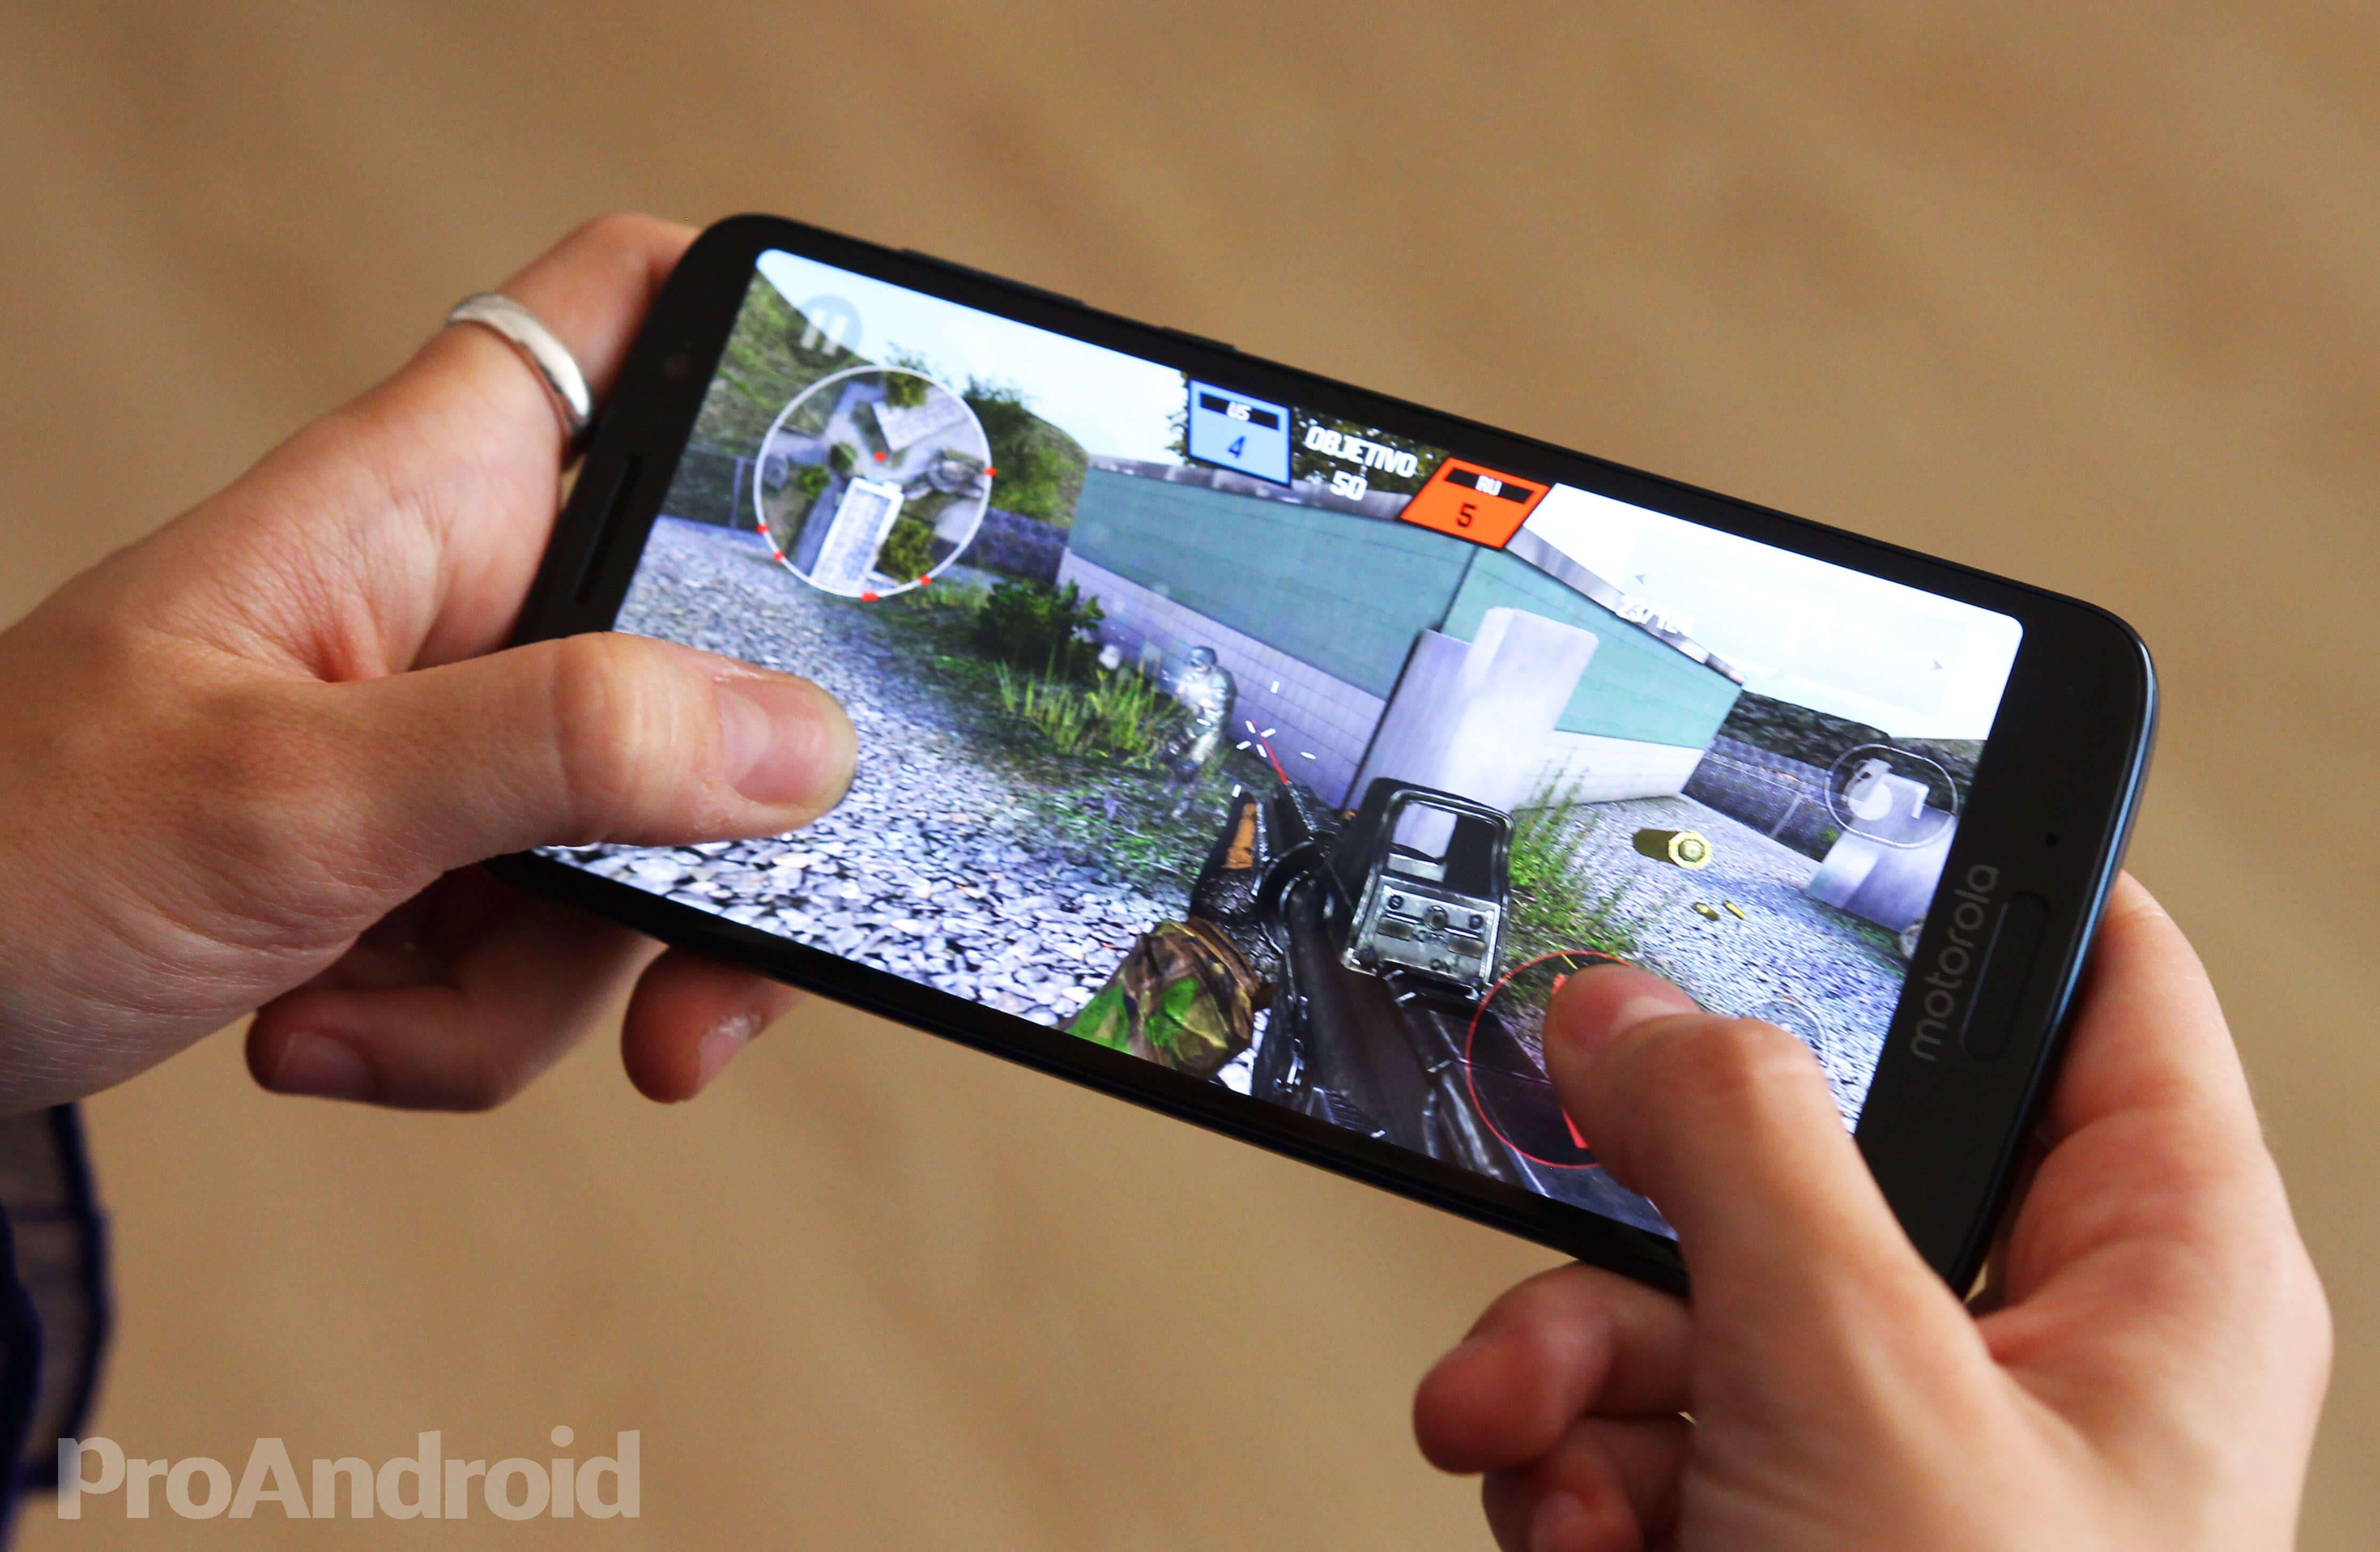 Oferta del Motorola Moto G6 Plus: 50 euros de descuento para uno de los mejores gama media